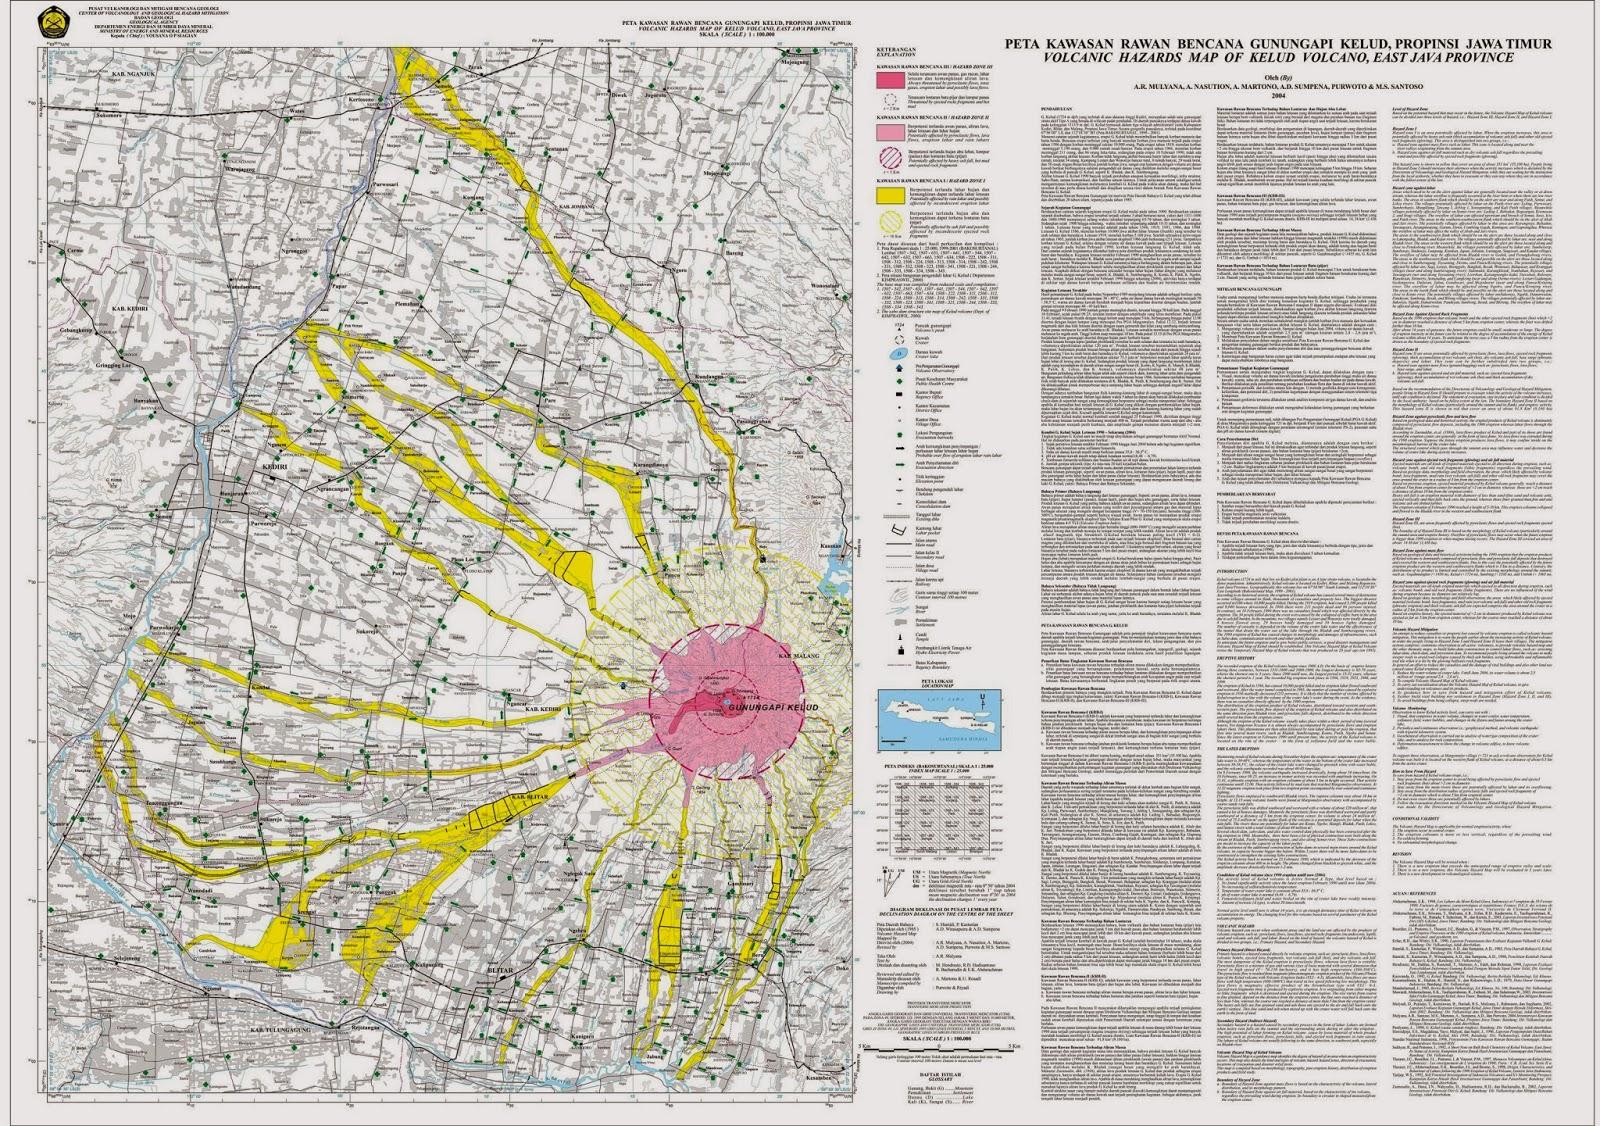 Inilah Blitar: Peta Kawasan Rawan Bencana Gunung Api Kelud